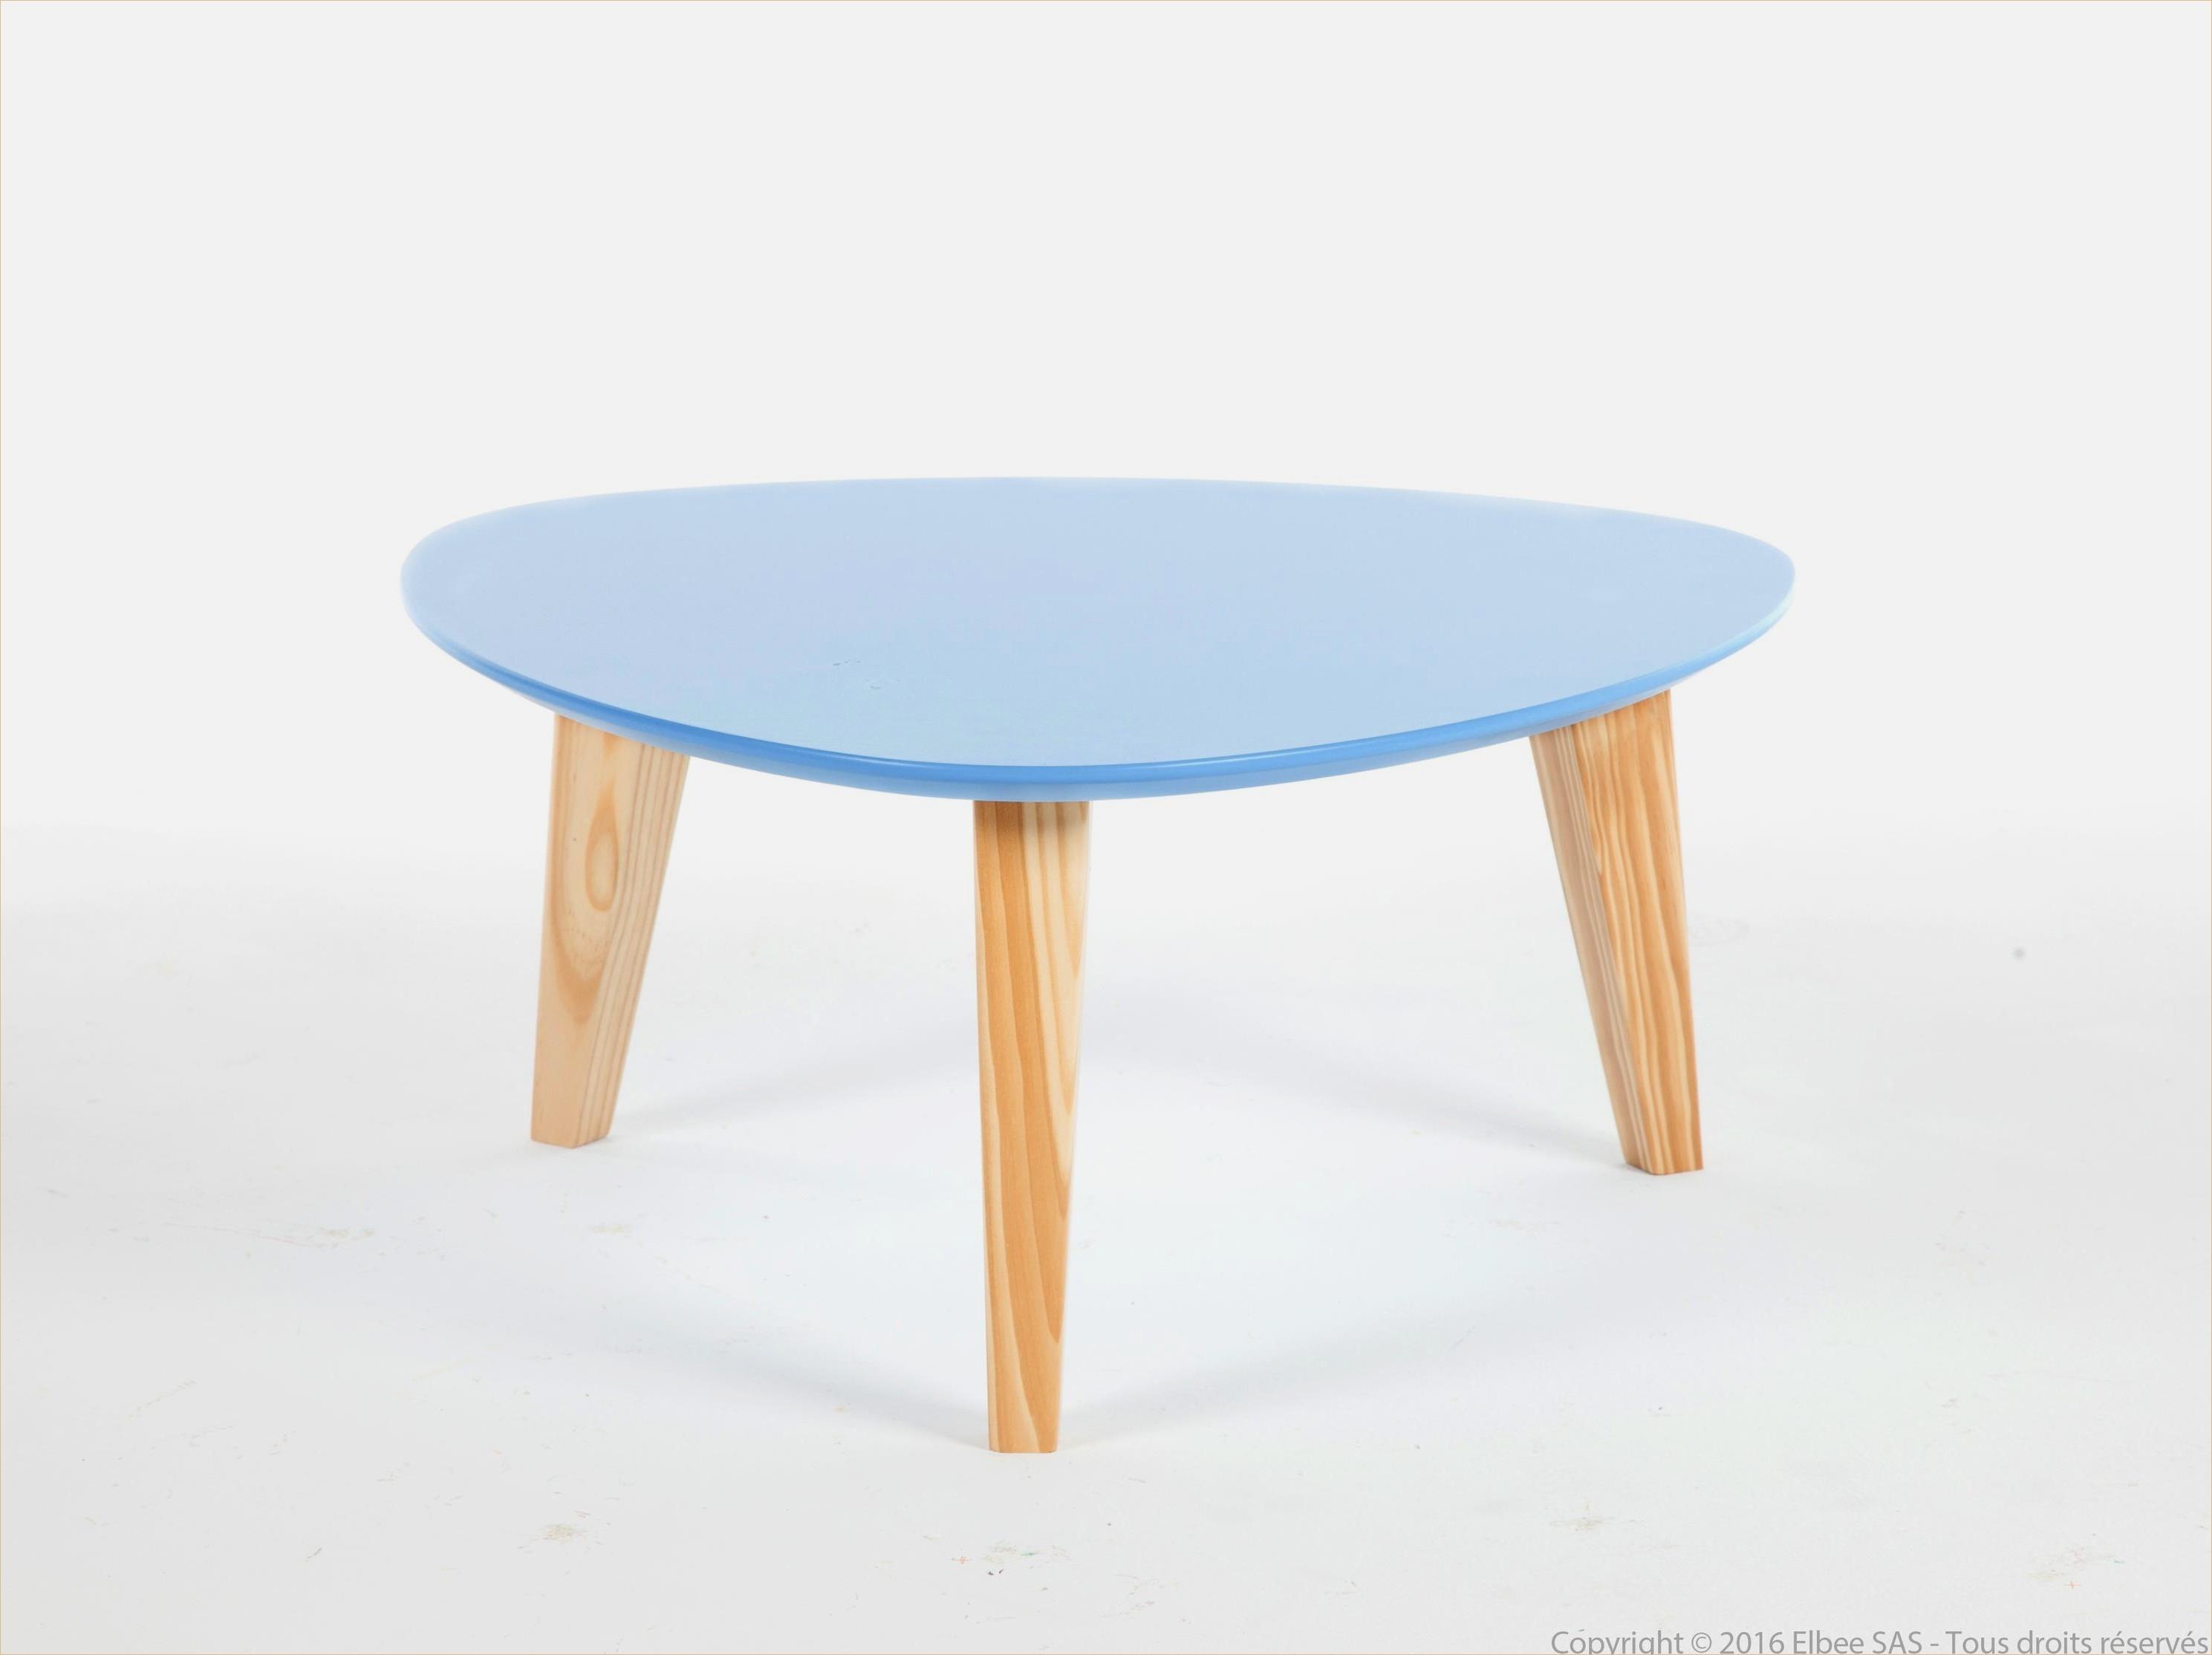 Moucherons Cuisine solution Impressionnant Images Fantastiqué Table De Cuisine Ovale Idées Design Concept Moderne